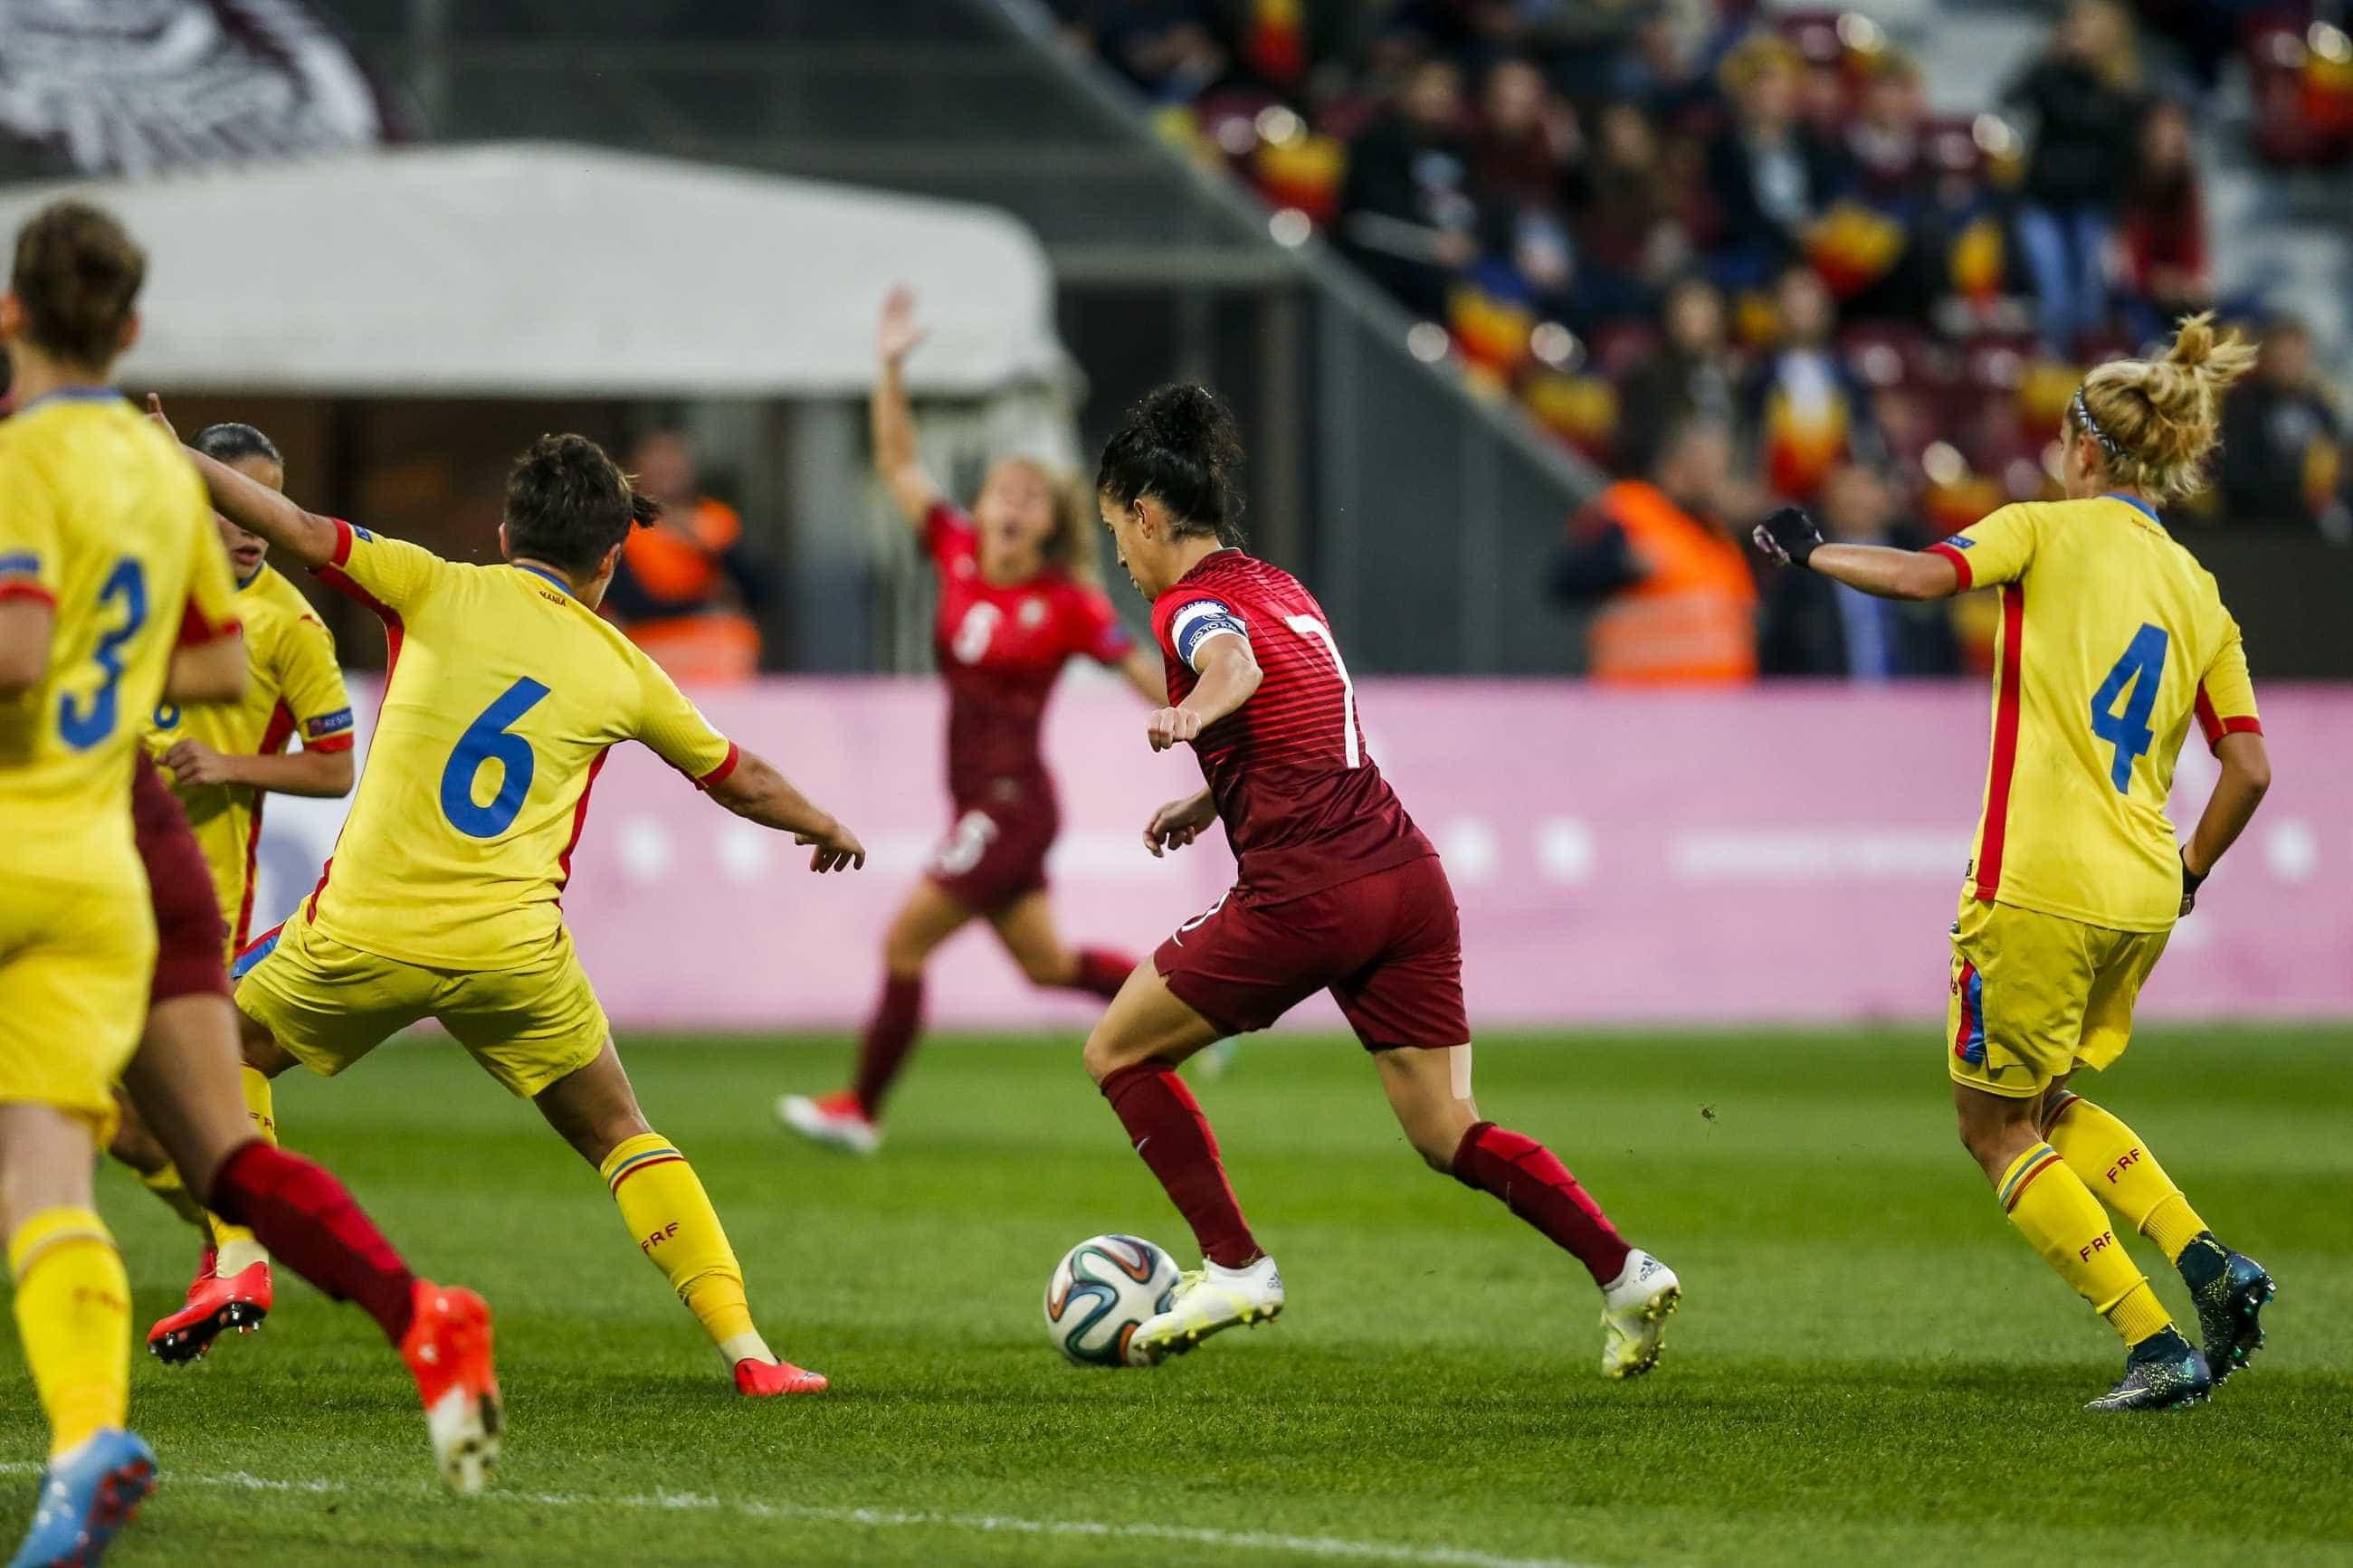 Coreias entre as candidatas a receber Mundial de futebol feminino de 2023